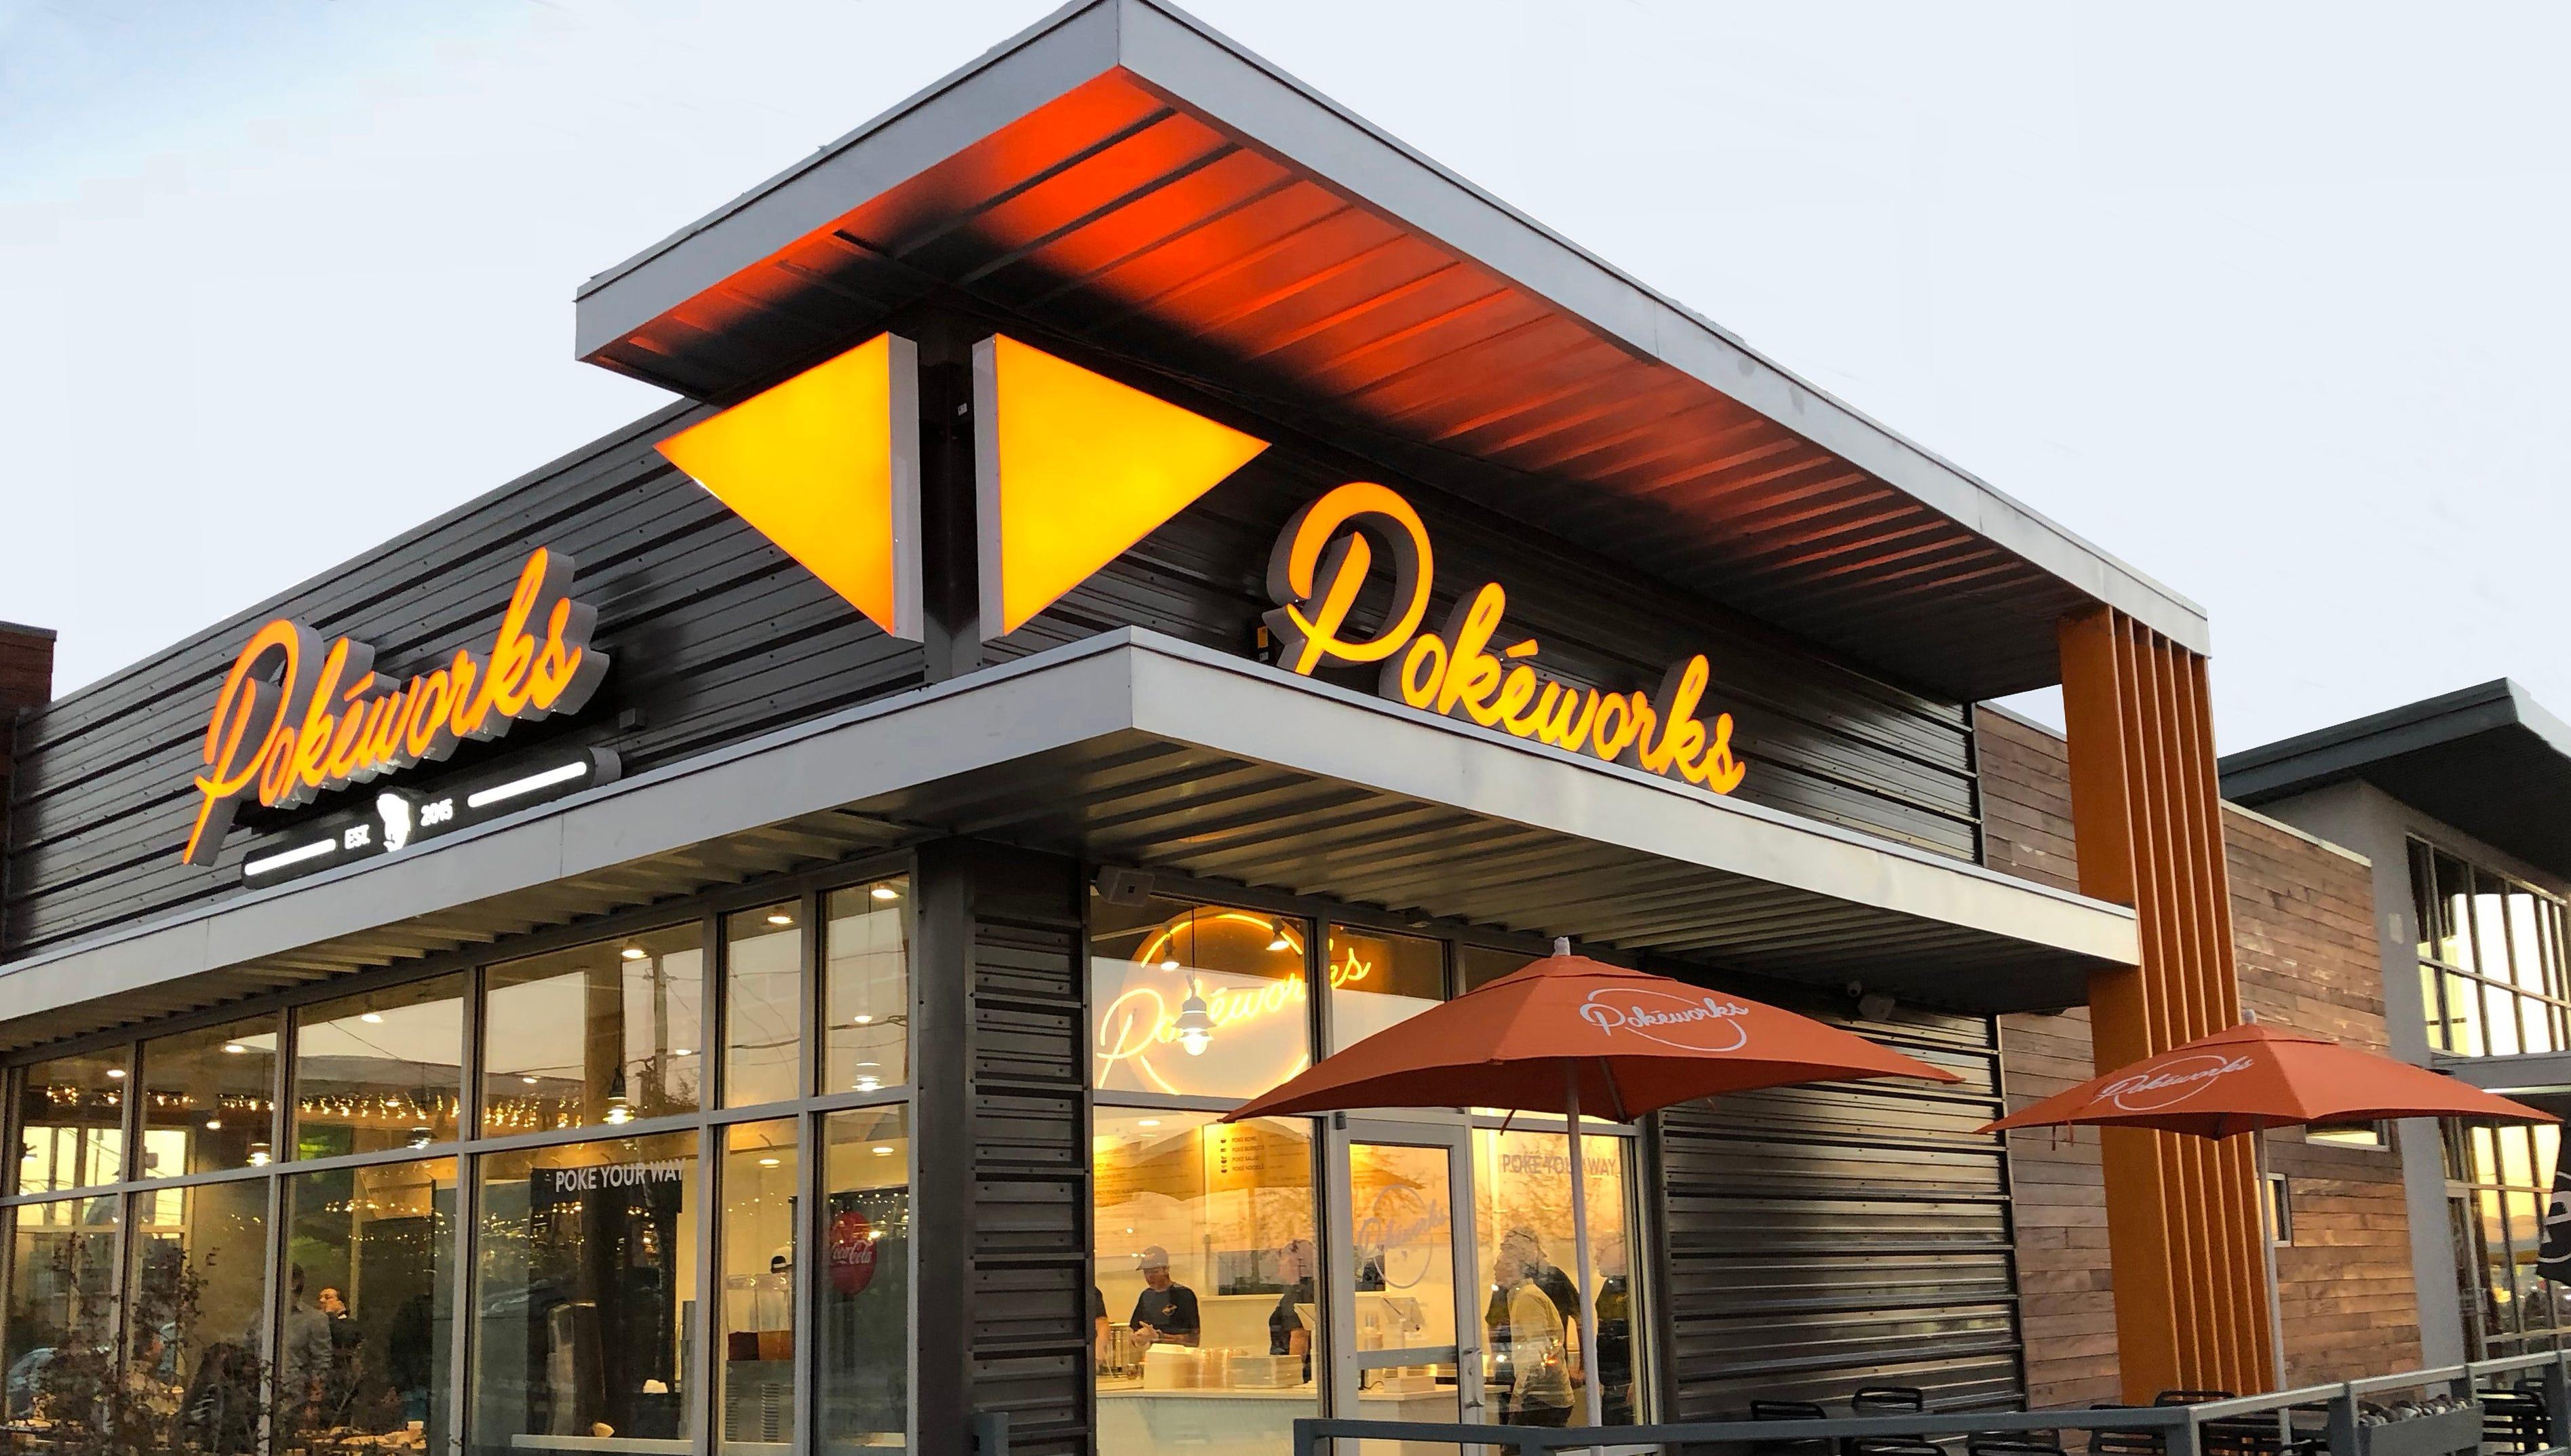 Pokworks Restaurant Coming To Knoxville In November Math Wallpaper Golden Find Free HD for Desktop [pastnedes.tk]